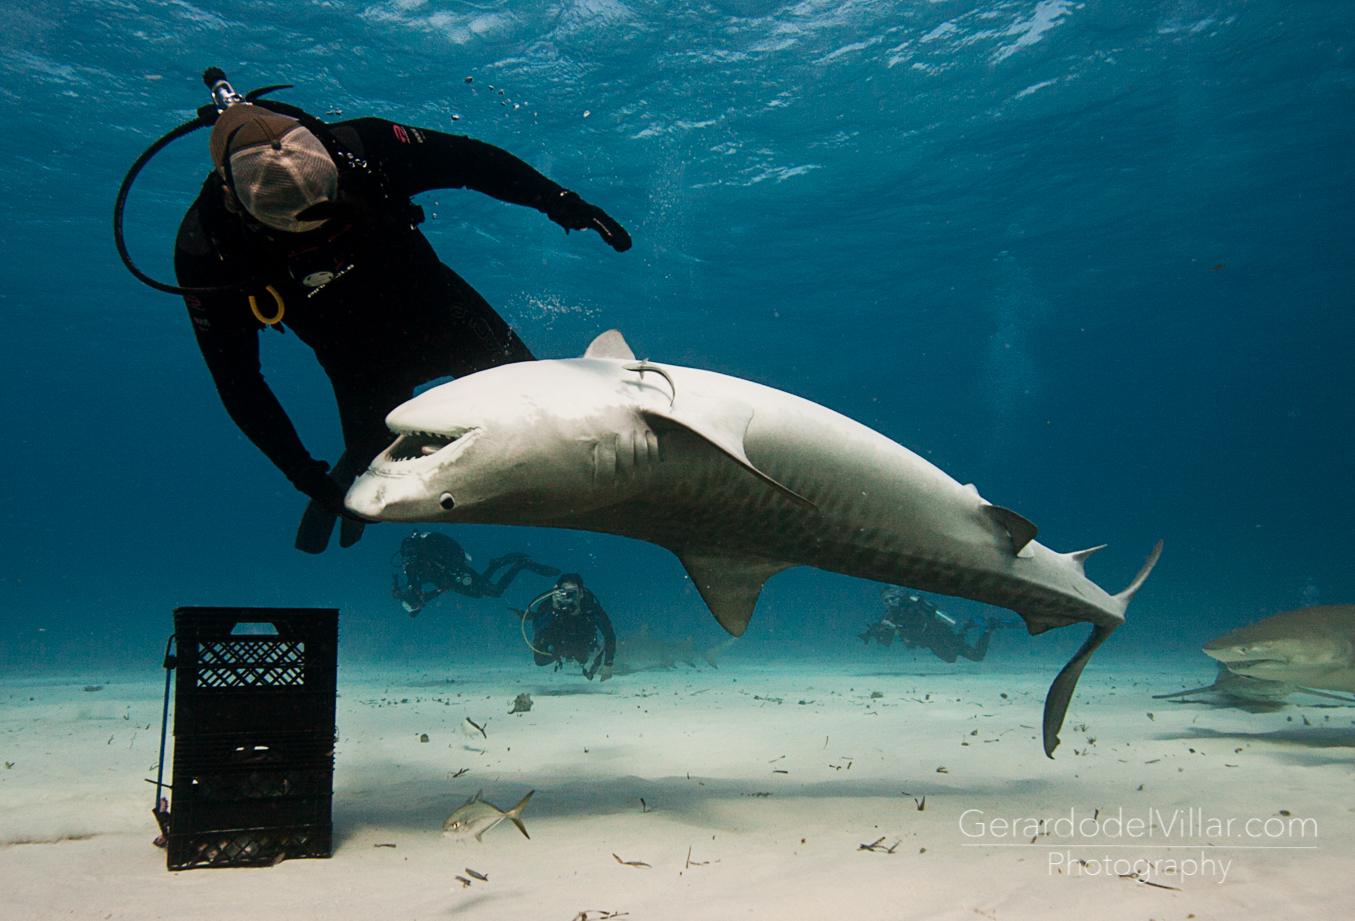 Camara de fotos acuatica sony 37